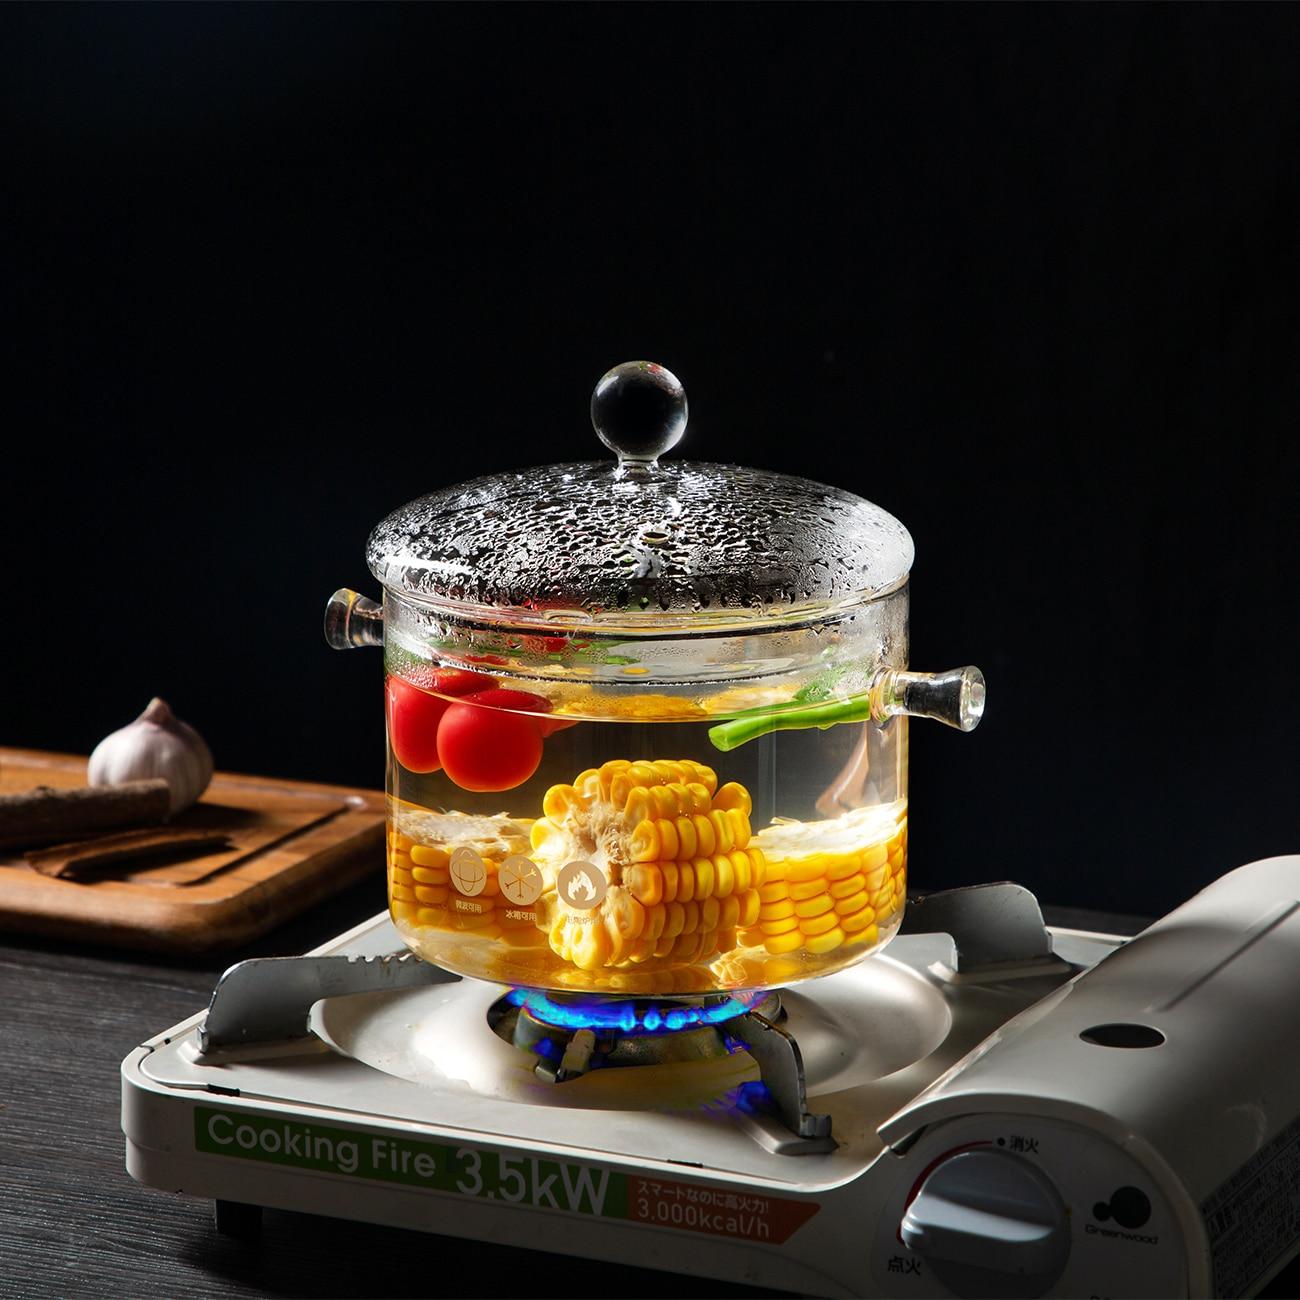 وعاء زجاجي مقاوم للحرارة 1350 مللي ، إناء الحساء ، غليان الماء ، سلطة زجاجية بكلتا الأذنين من البورسليكات